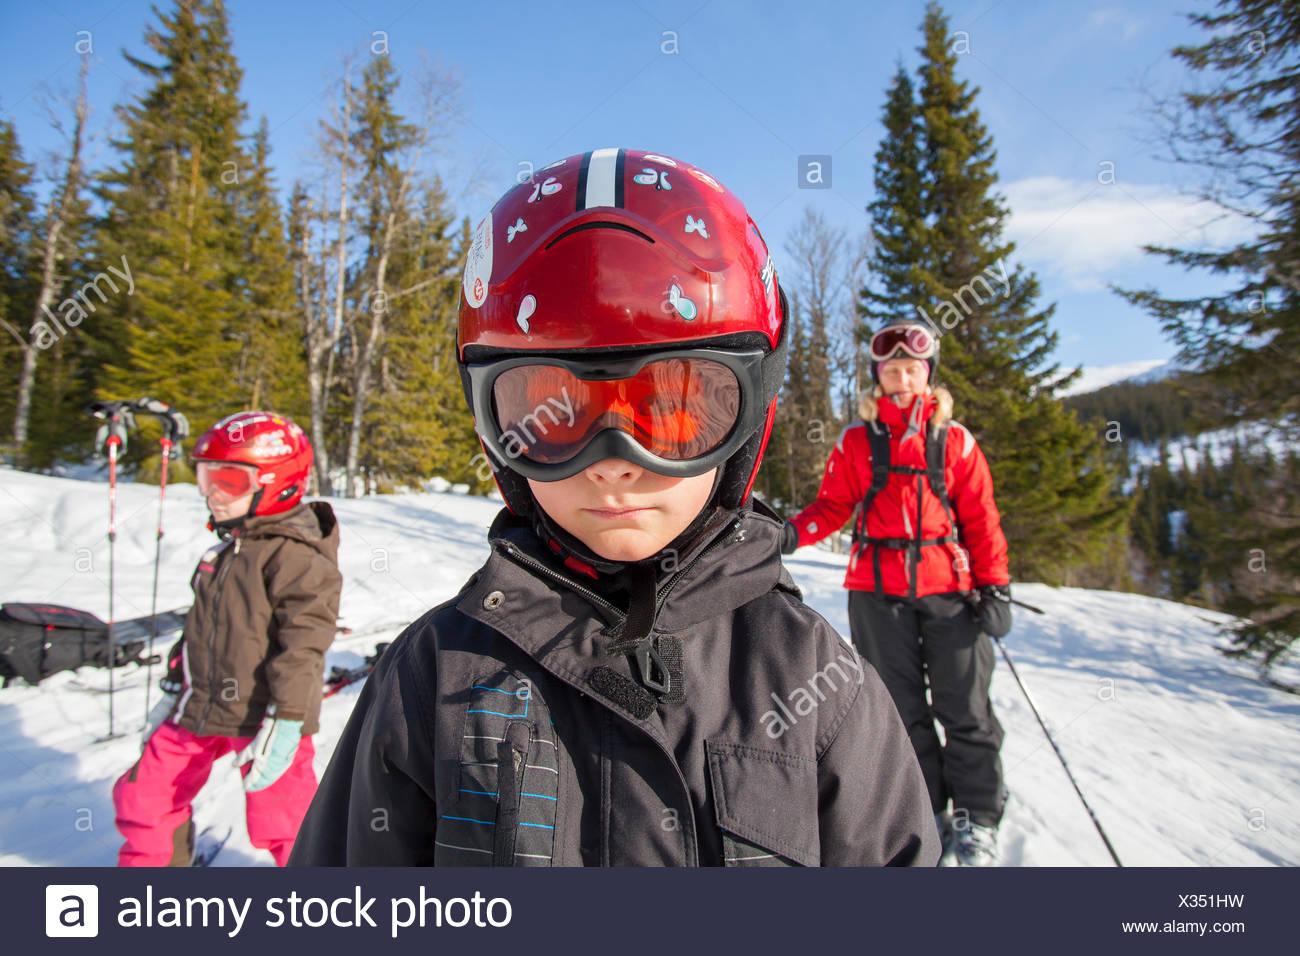 Noruega, Osterdalen, Trysil, mamá y sus dos hijos (4-5, 8-9) caminando por Ski Slope Imagen De Stock